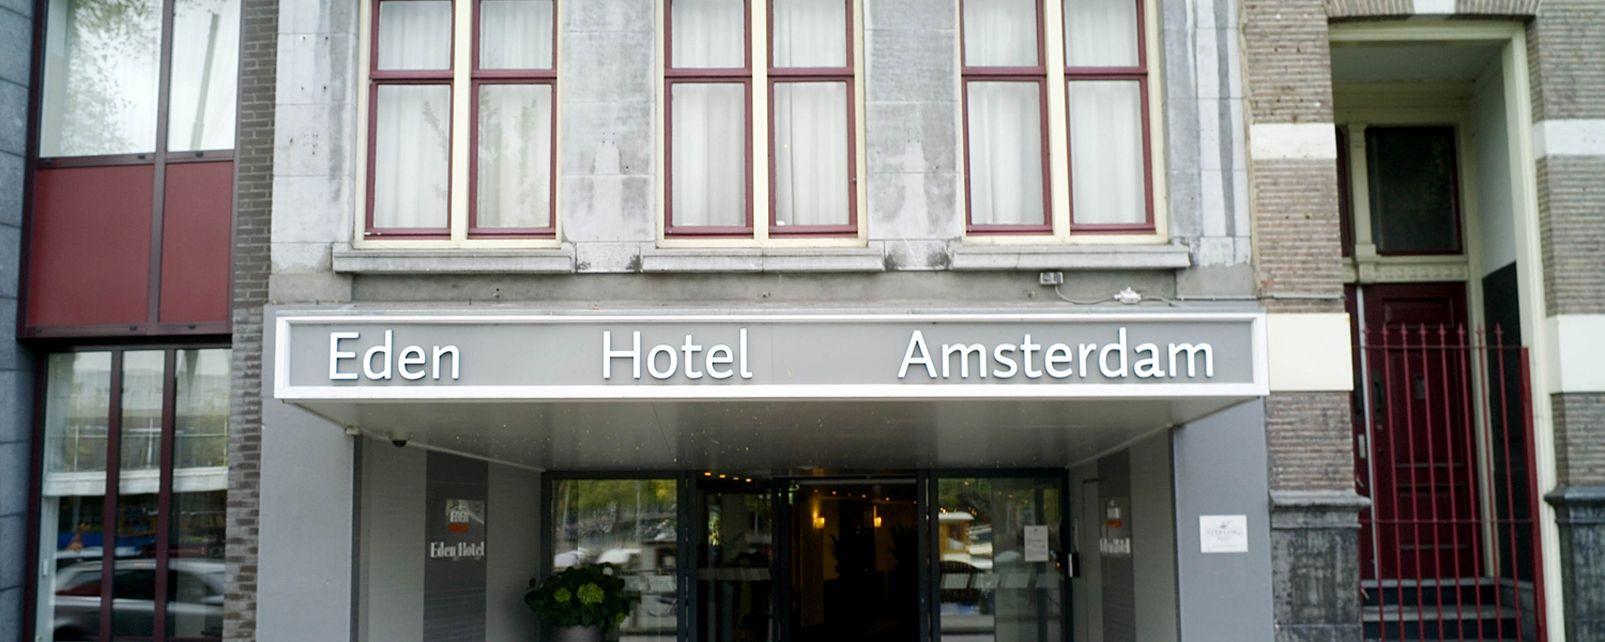 Hotel Best Western Eden Amsterdam